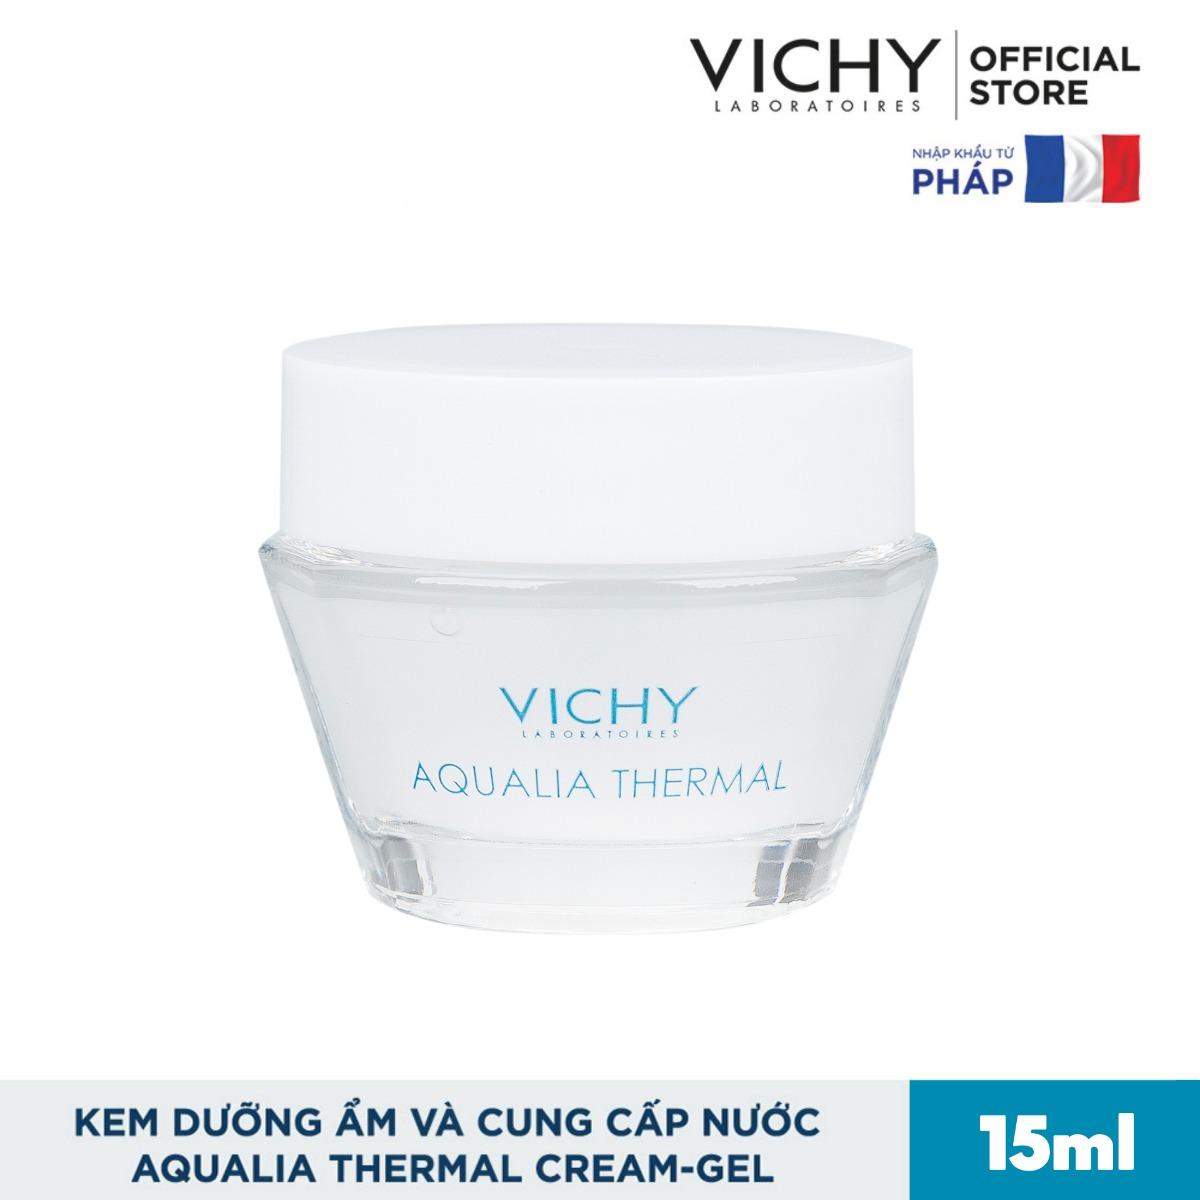 Kem Dưỡng Ẩm & Cung Cấp Nước Dạng Gel Vichy Aqualia Thermal Rehydrating Cream-Gel 15ml